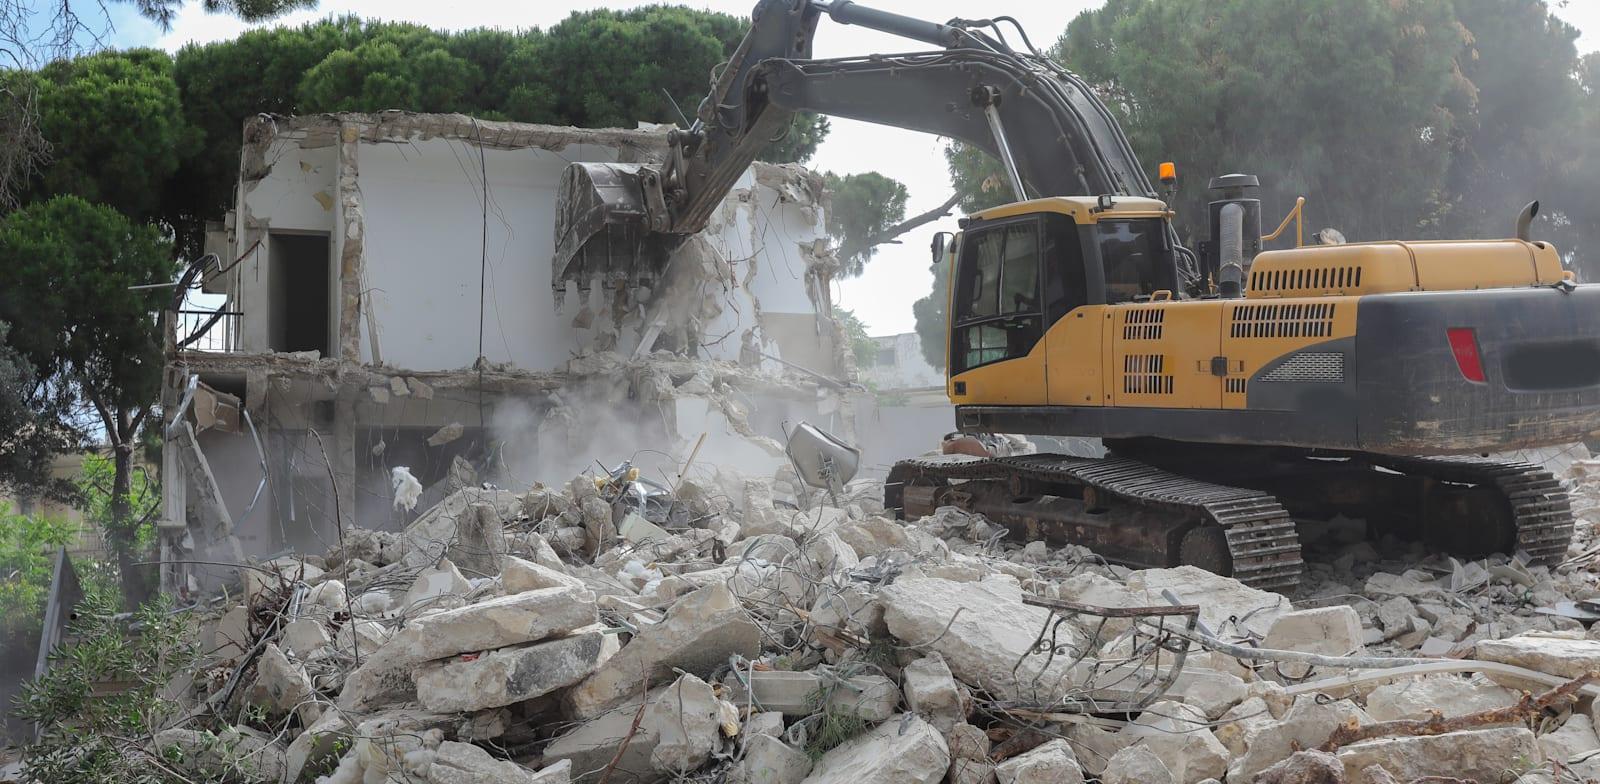 הריסת בניין לצורך הקמה מחדש. מה ייחשב למצב הקודם? / צילום: Shutterstock